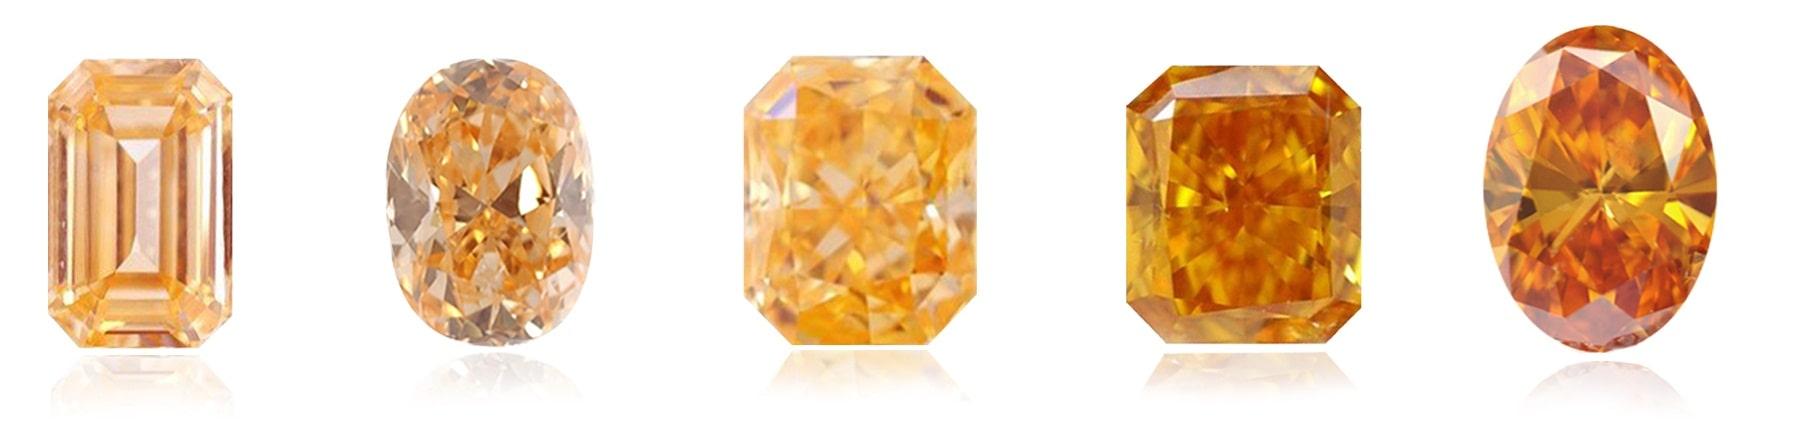 Farbskala orangefarbener Diamanten